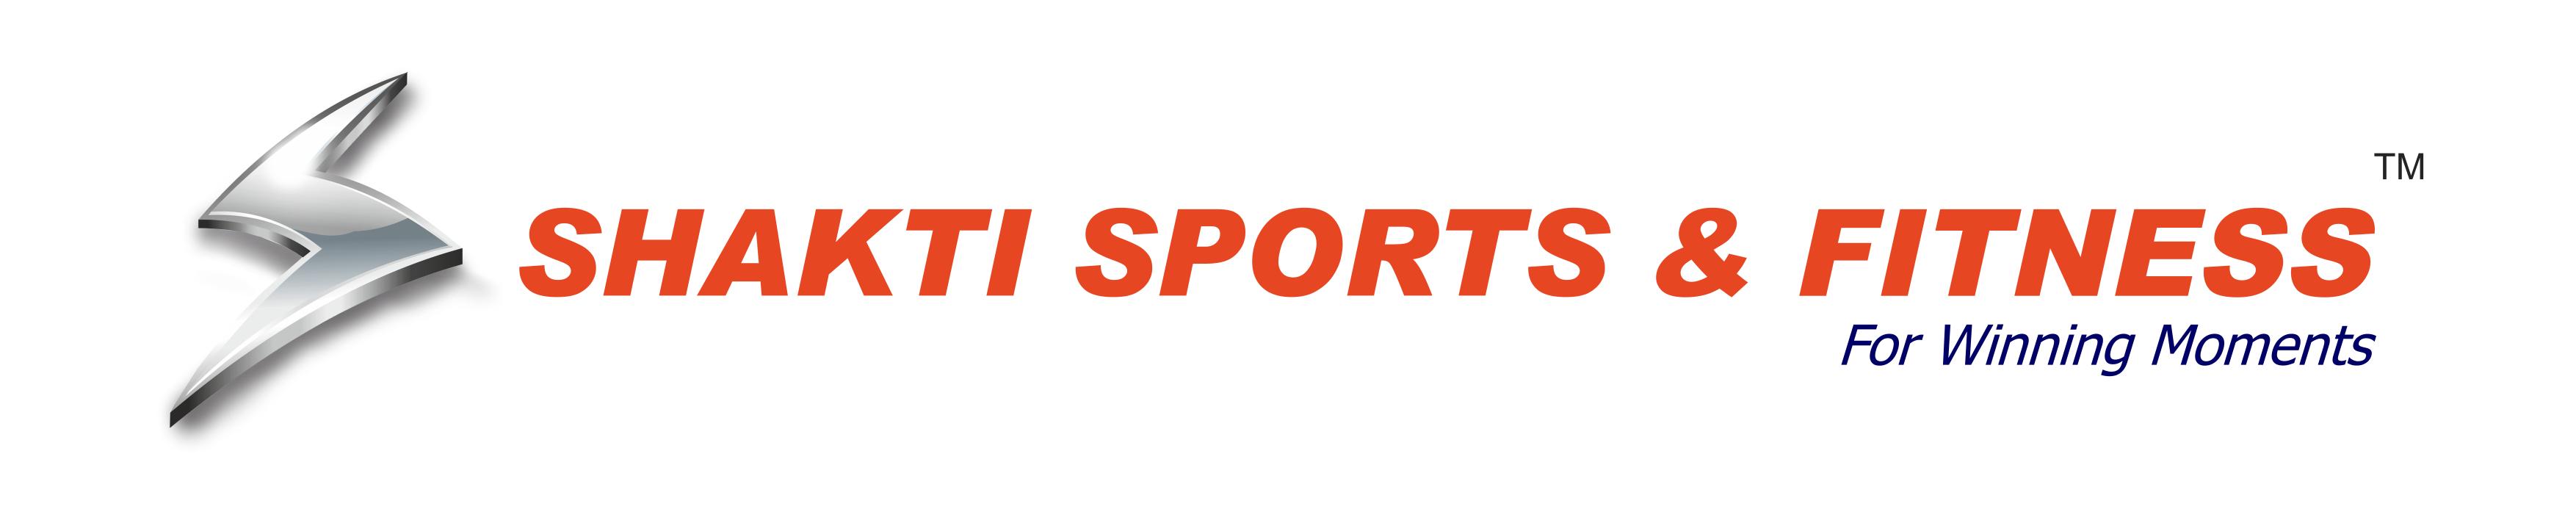 Shakti Sports & Fitness